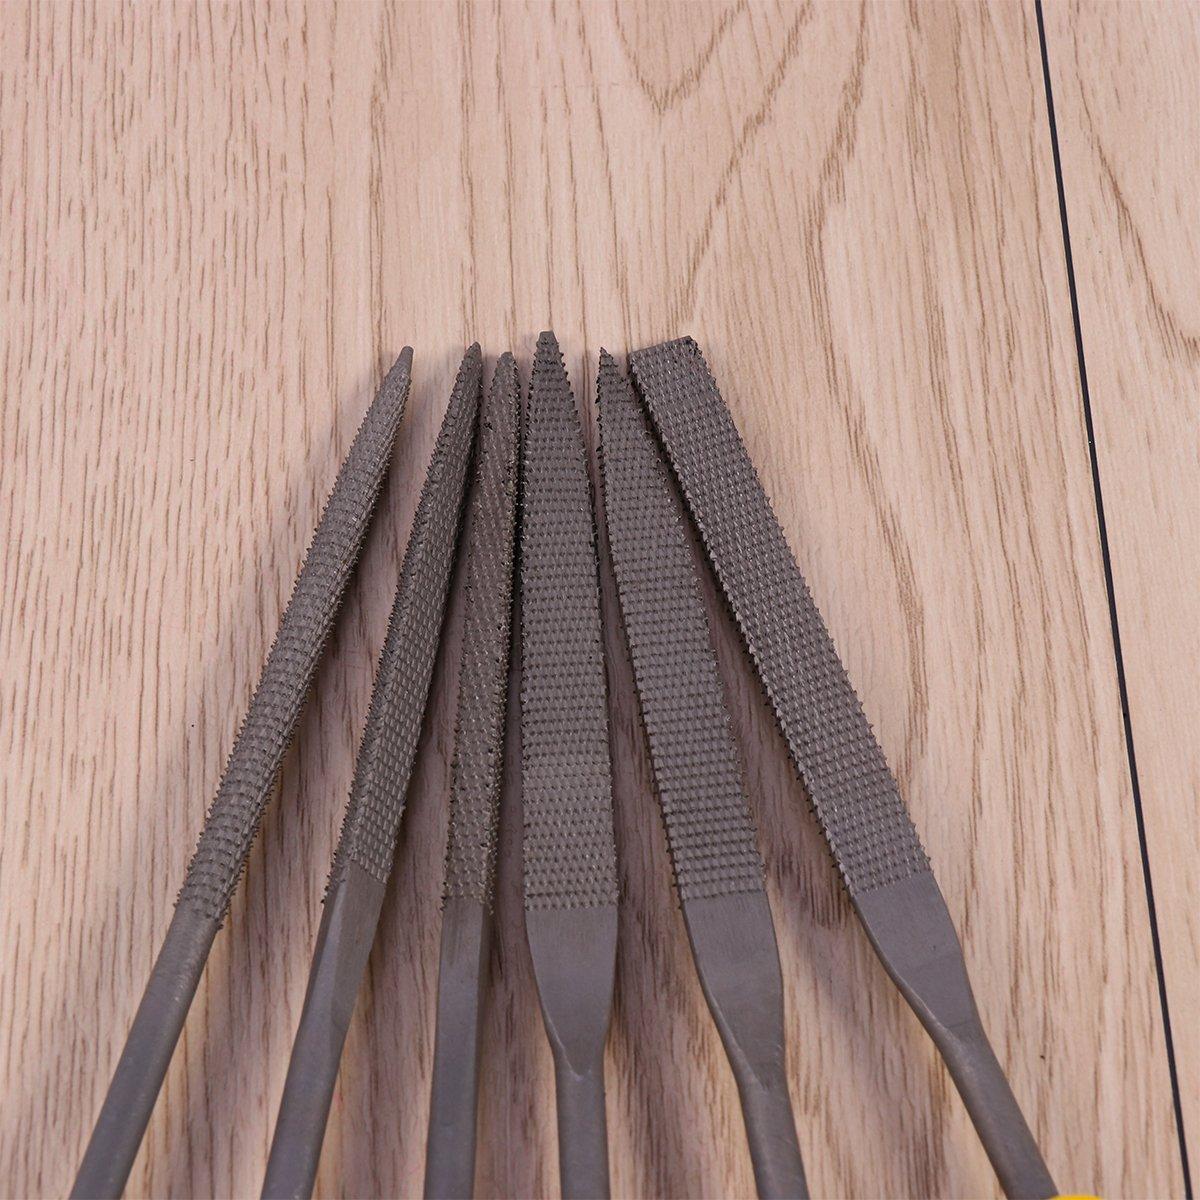 ukcoco Wood File Set 6Pcs Hand File Hardened Steel Wood Scraper Set 140/x 3/mm